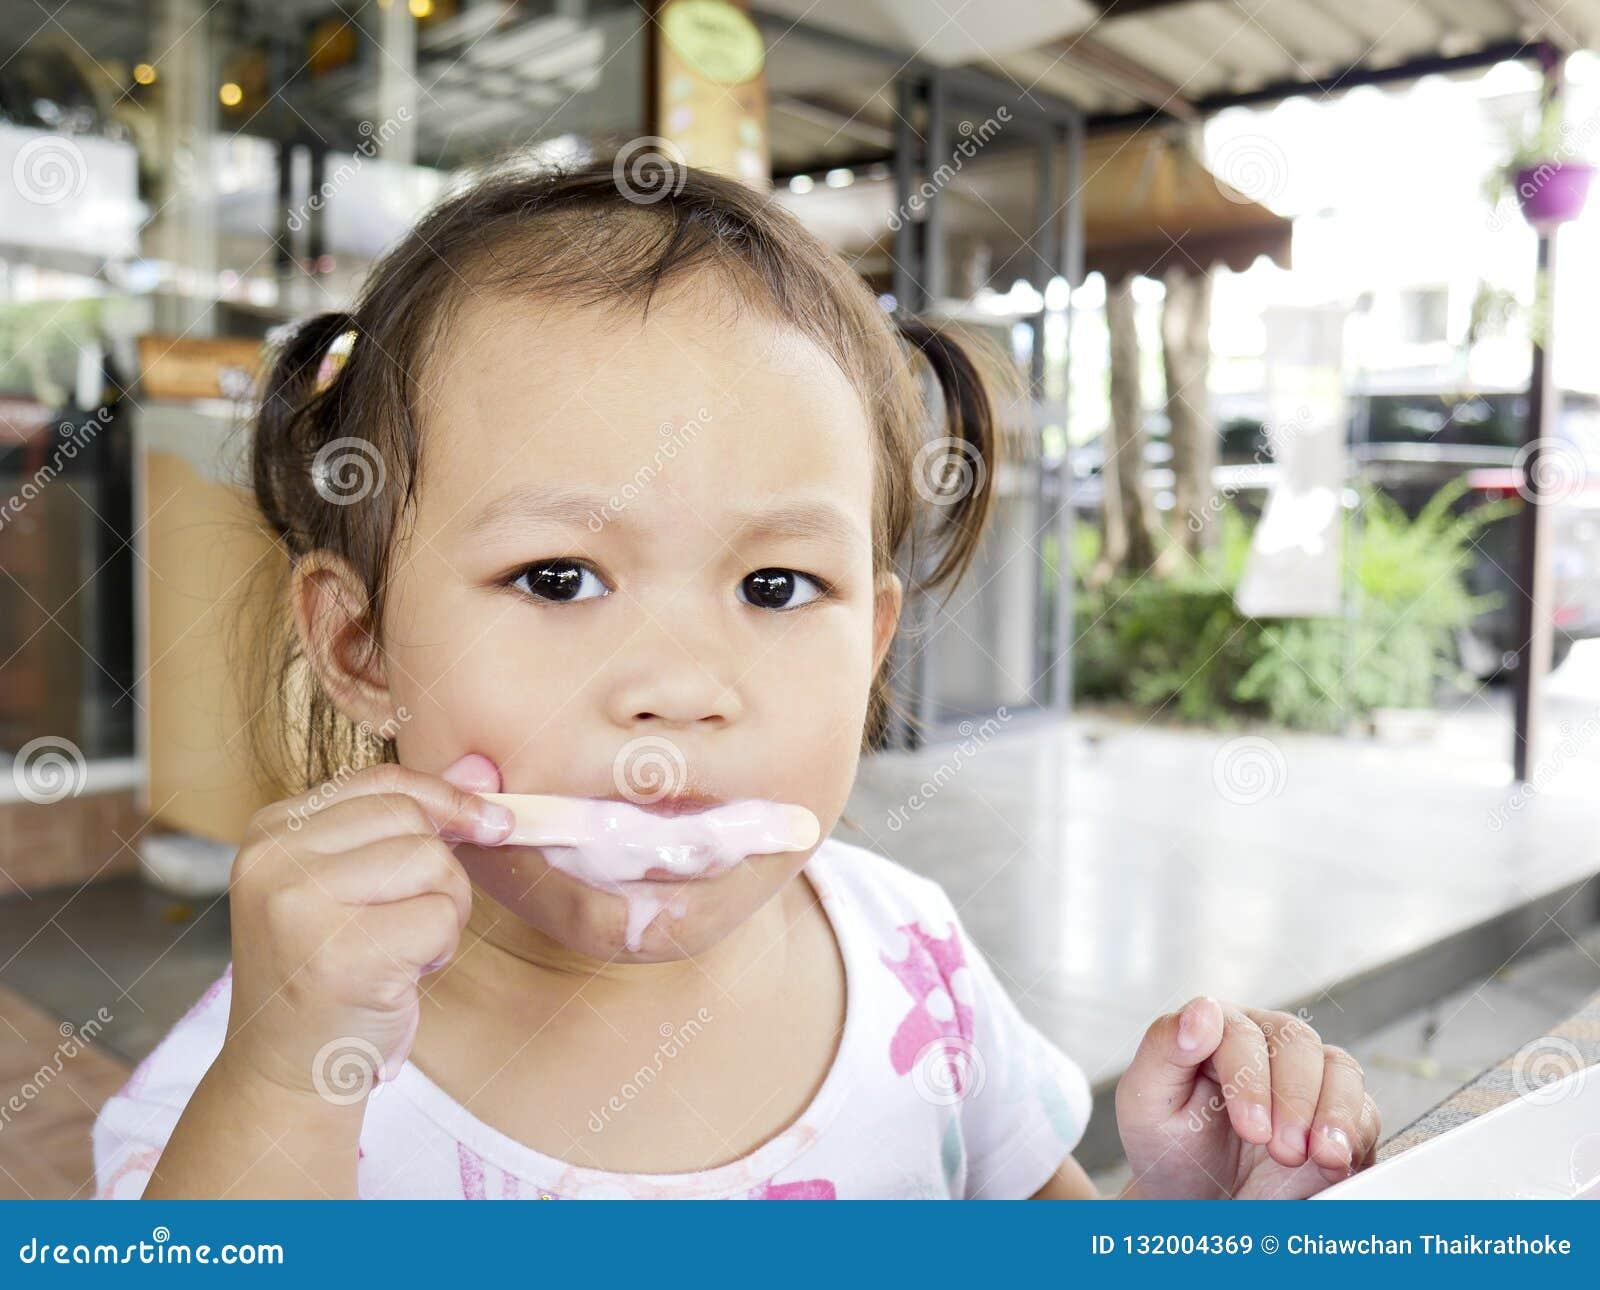 Kleine asiatische Mädchen des selektiven Fokus ist glücklich, eine köstliche Eiscreme, Kopienraum zu essen